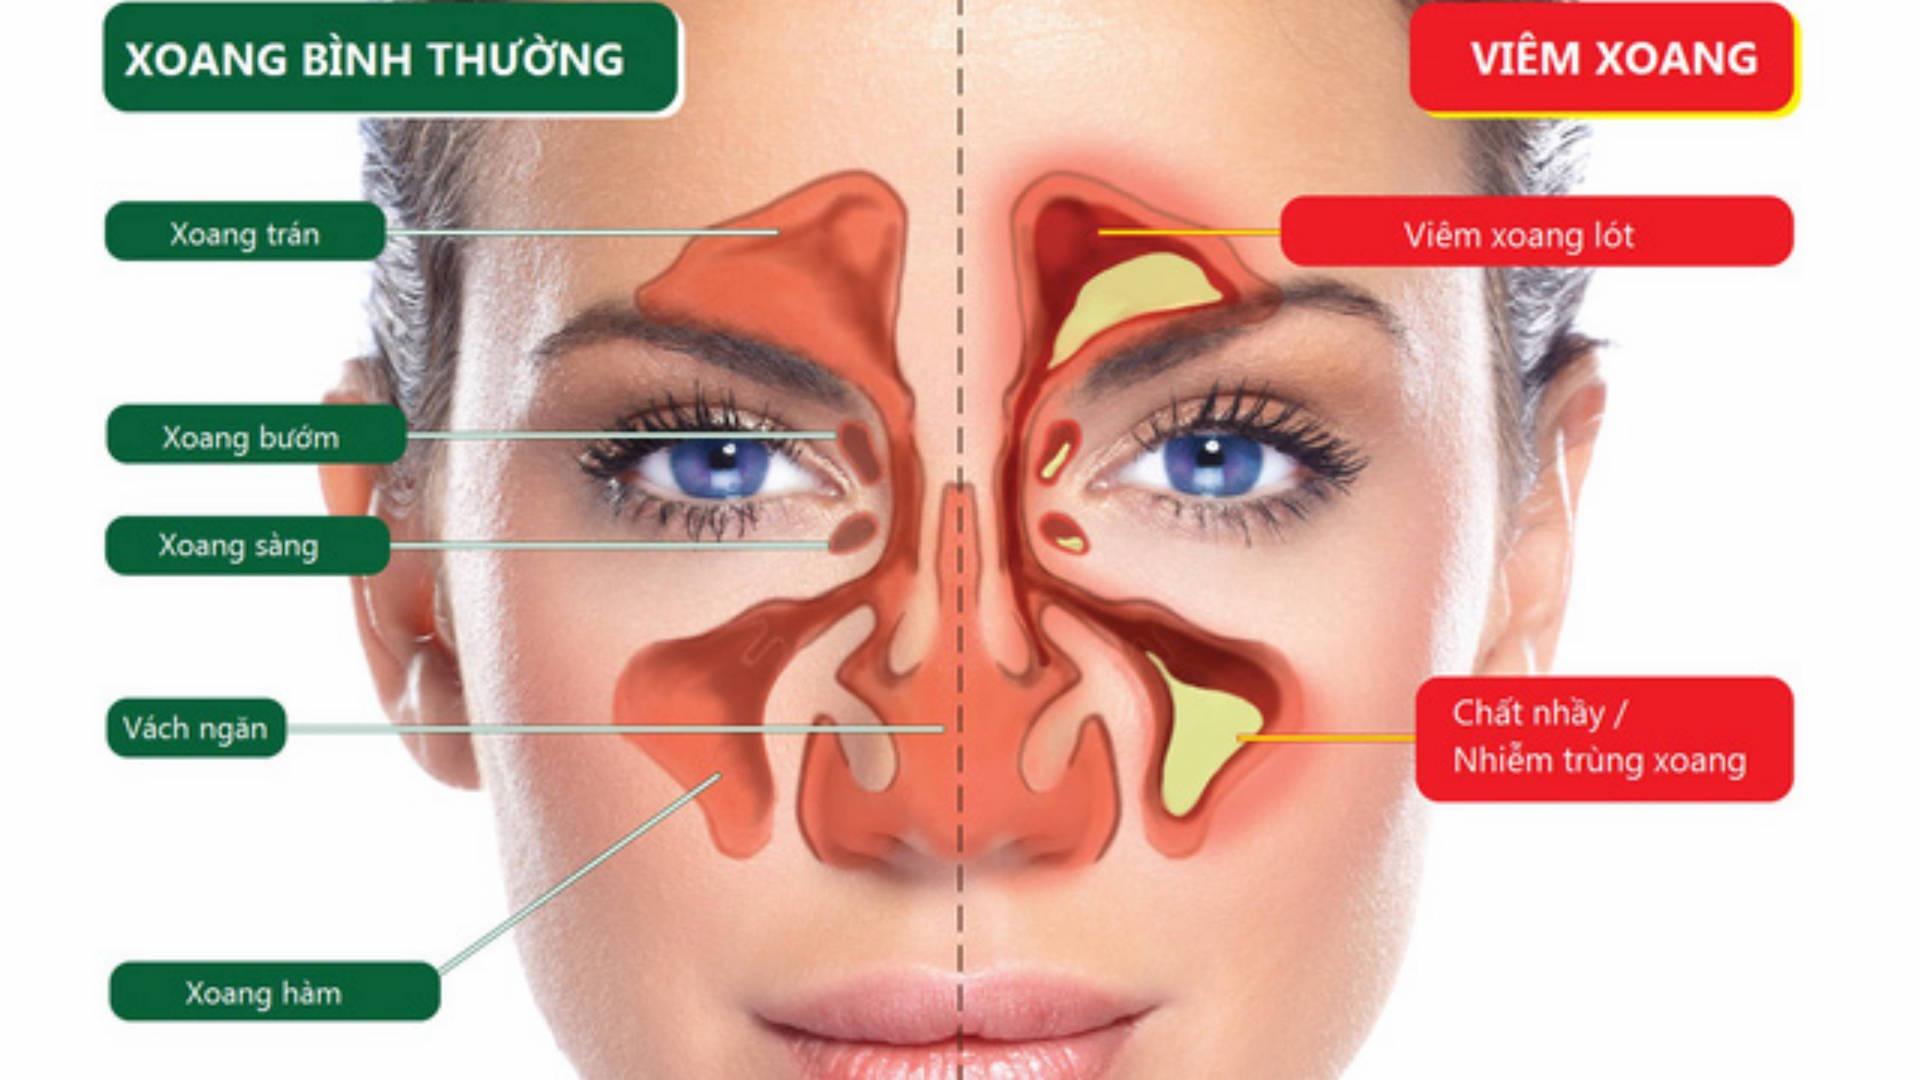 Phản hồi từ khách viêm xoang, viêm mũi dị ứng 15 năm đã khỏi